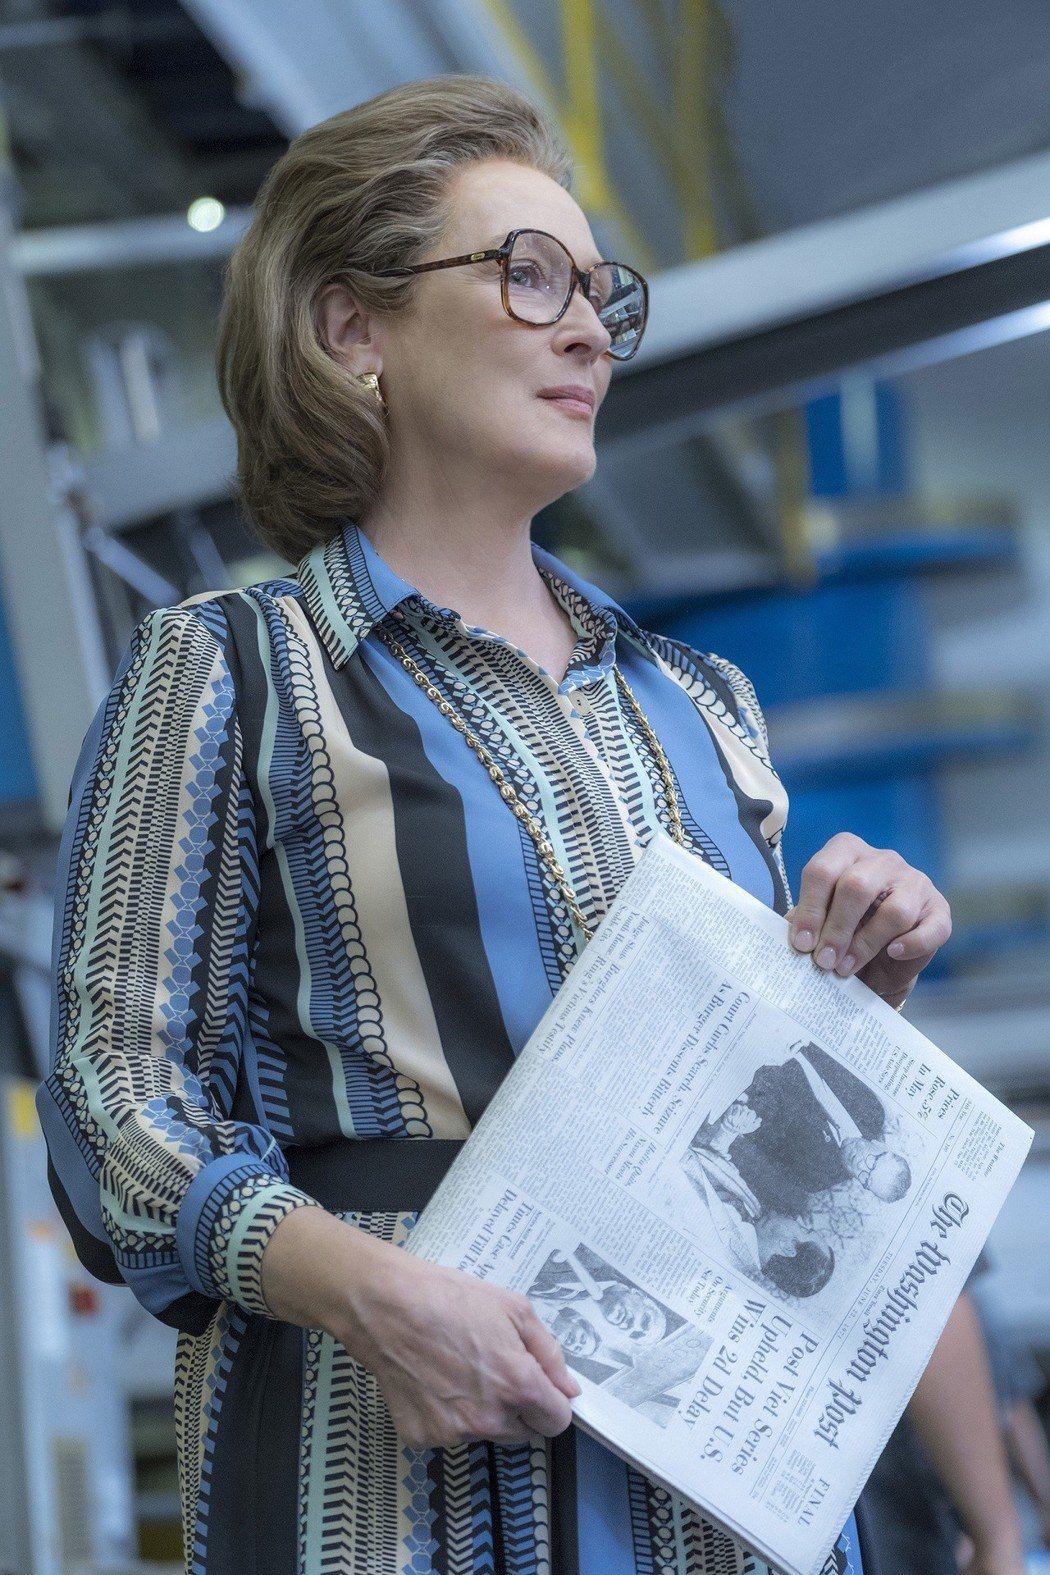 梅莉史翠普以「郵報:密戰」挑戰第4座奧斯卡金像獎。圖/UIP提供